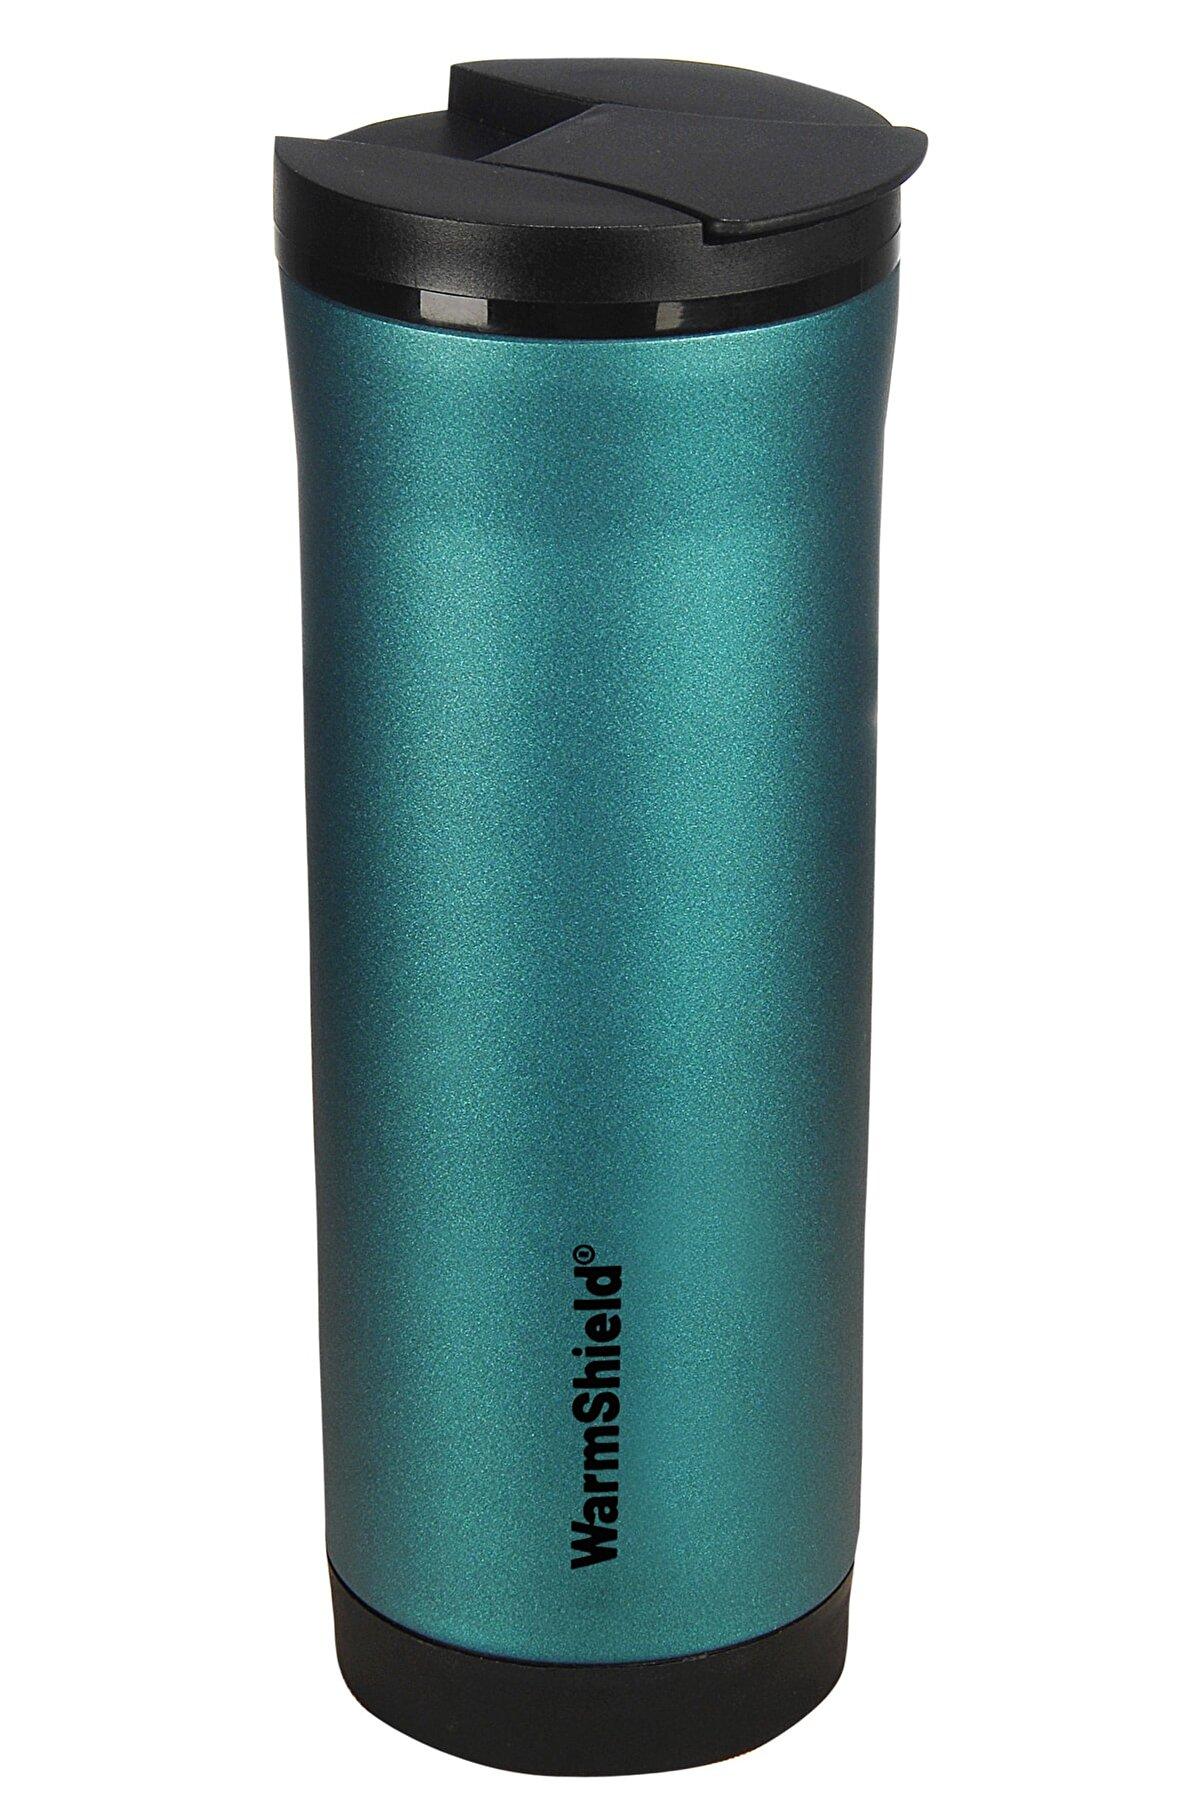 WarmShield Turkuaz Mavi Çift Katmanlı Paslanmaz Çelik Termos Bardak 400 ml ( Kahve Çay Termosu )